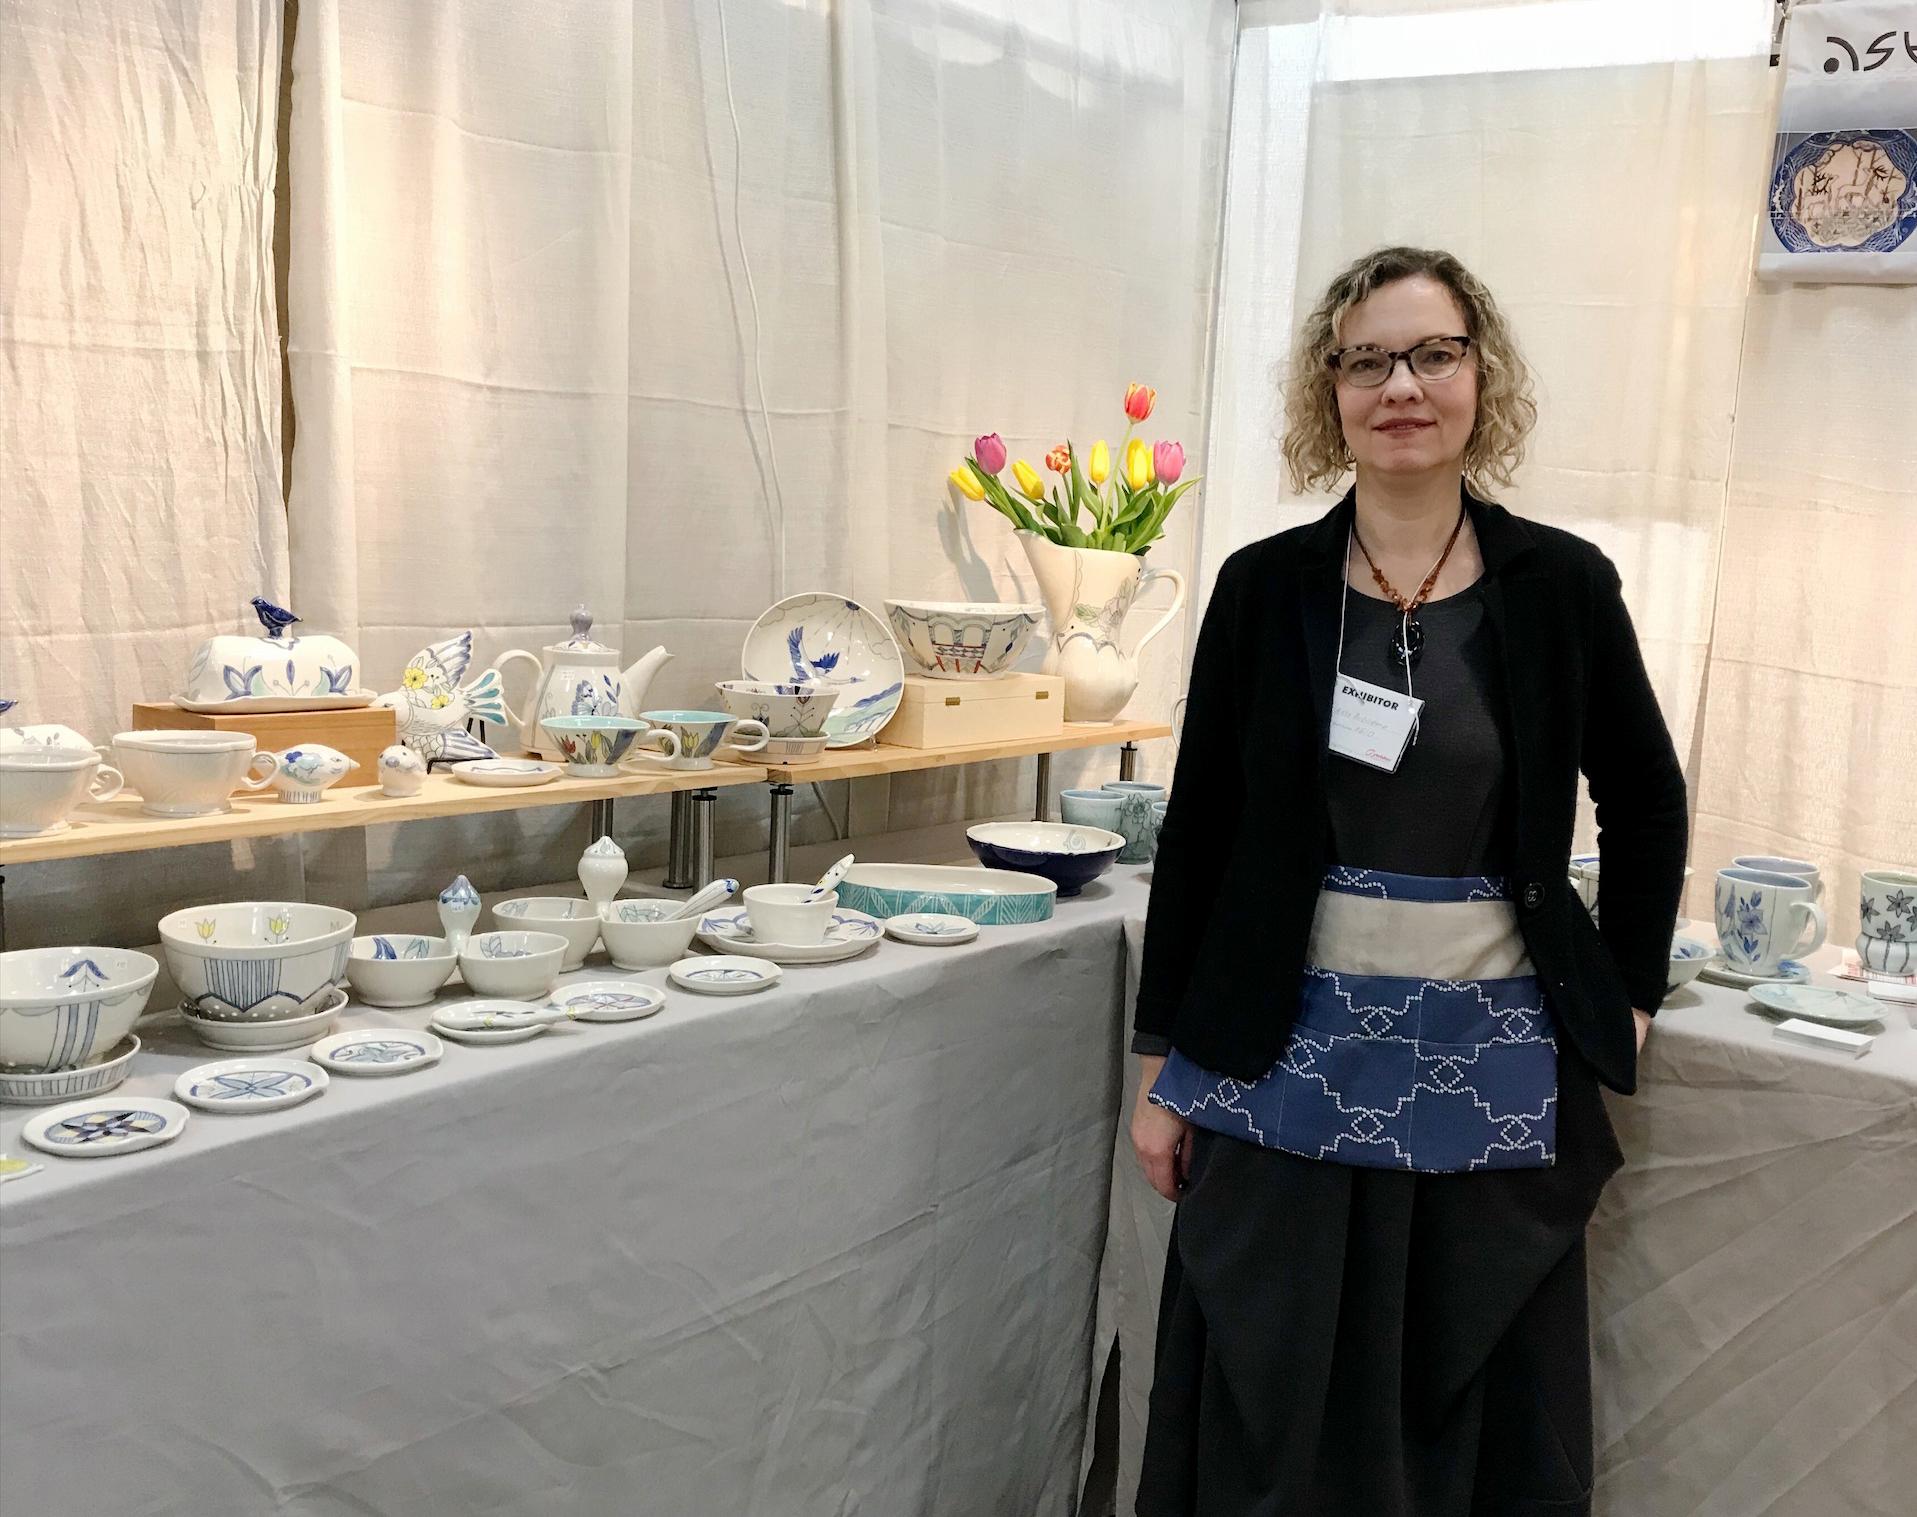 Asta Bublienė parodoje 2018 m. kovo mėn. Craft Morristown.